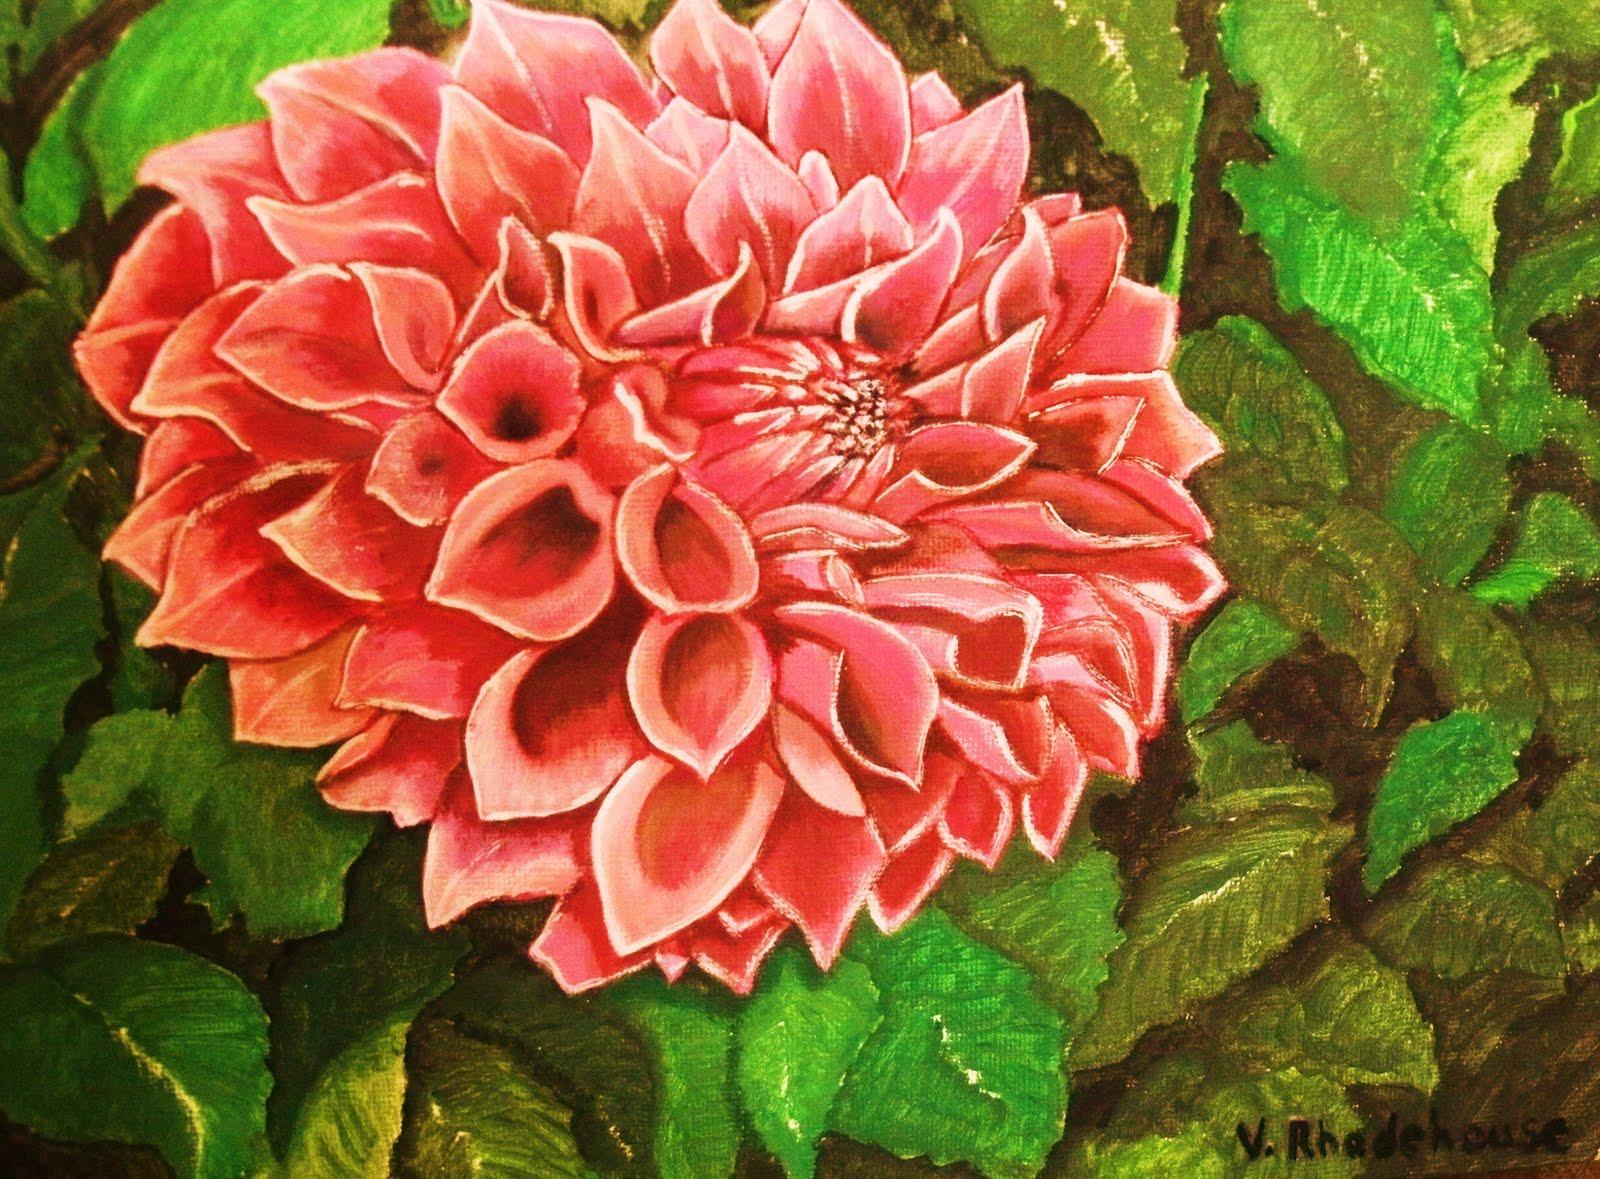 Kessinger Klassics Art: Mexican Flower